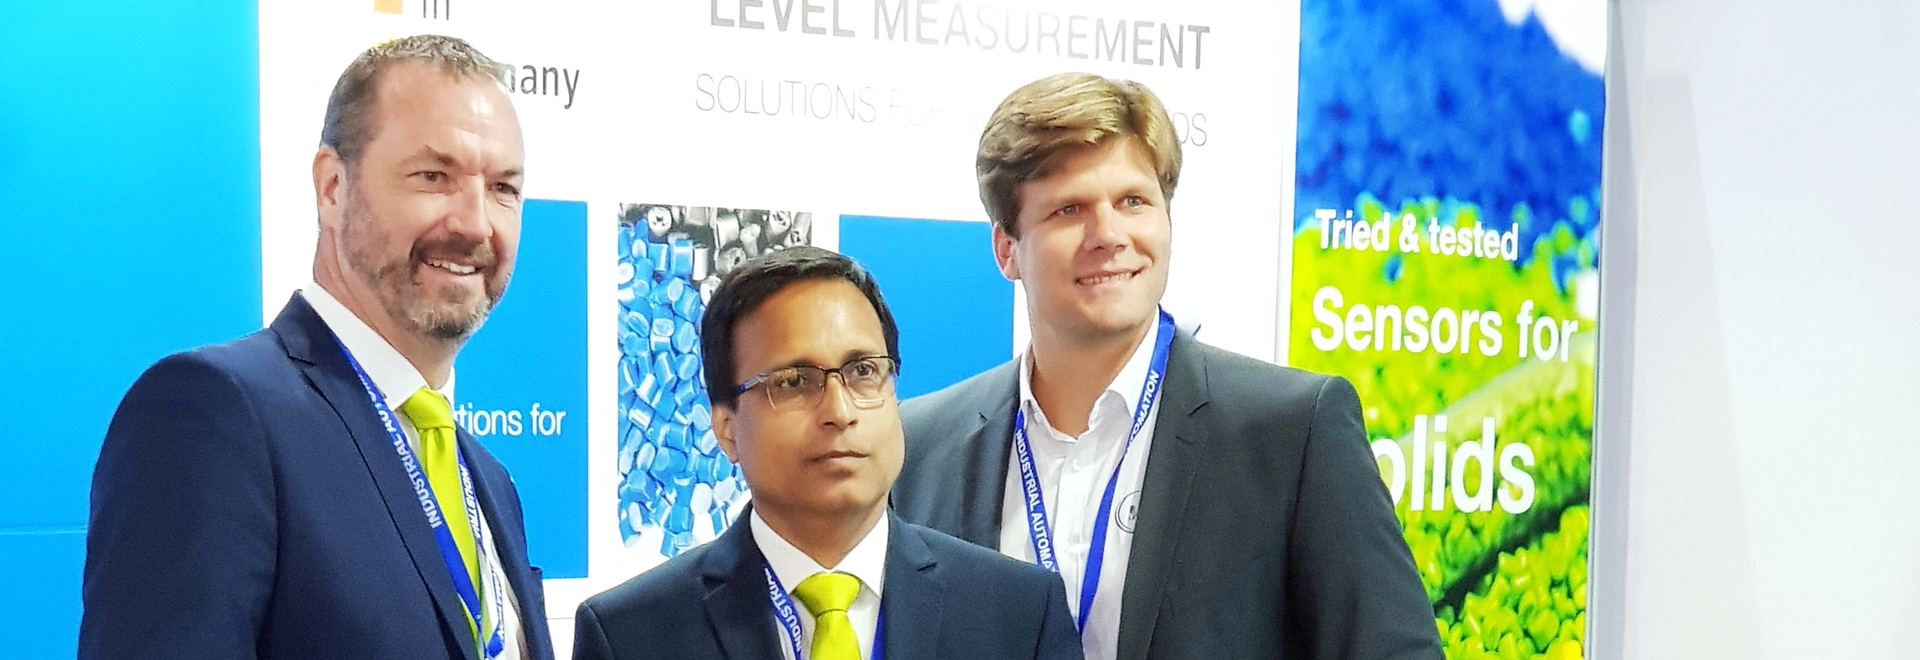 Sumit Majumder von UWT Indien wird unterstützt von Uwe Niekrawietz und Markus Schalk von UWT International